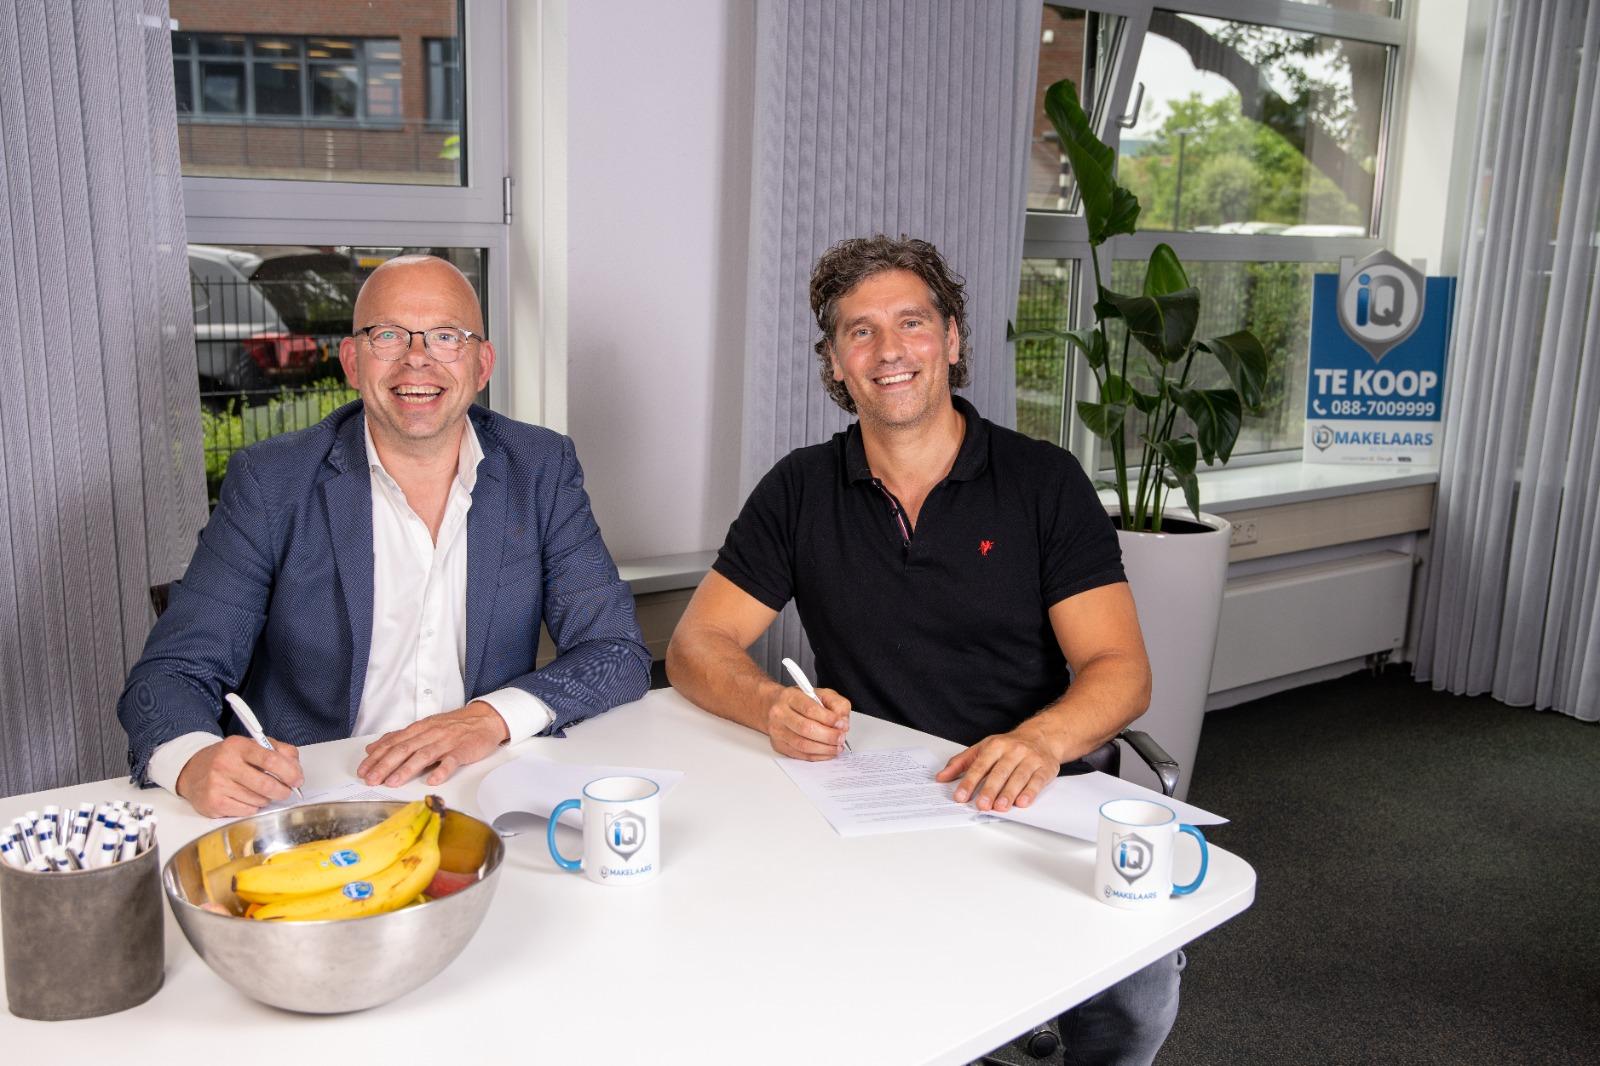 Nieuwe iQ Makelaar gestart in Amersfoort!